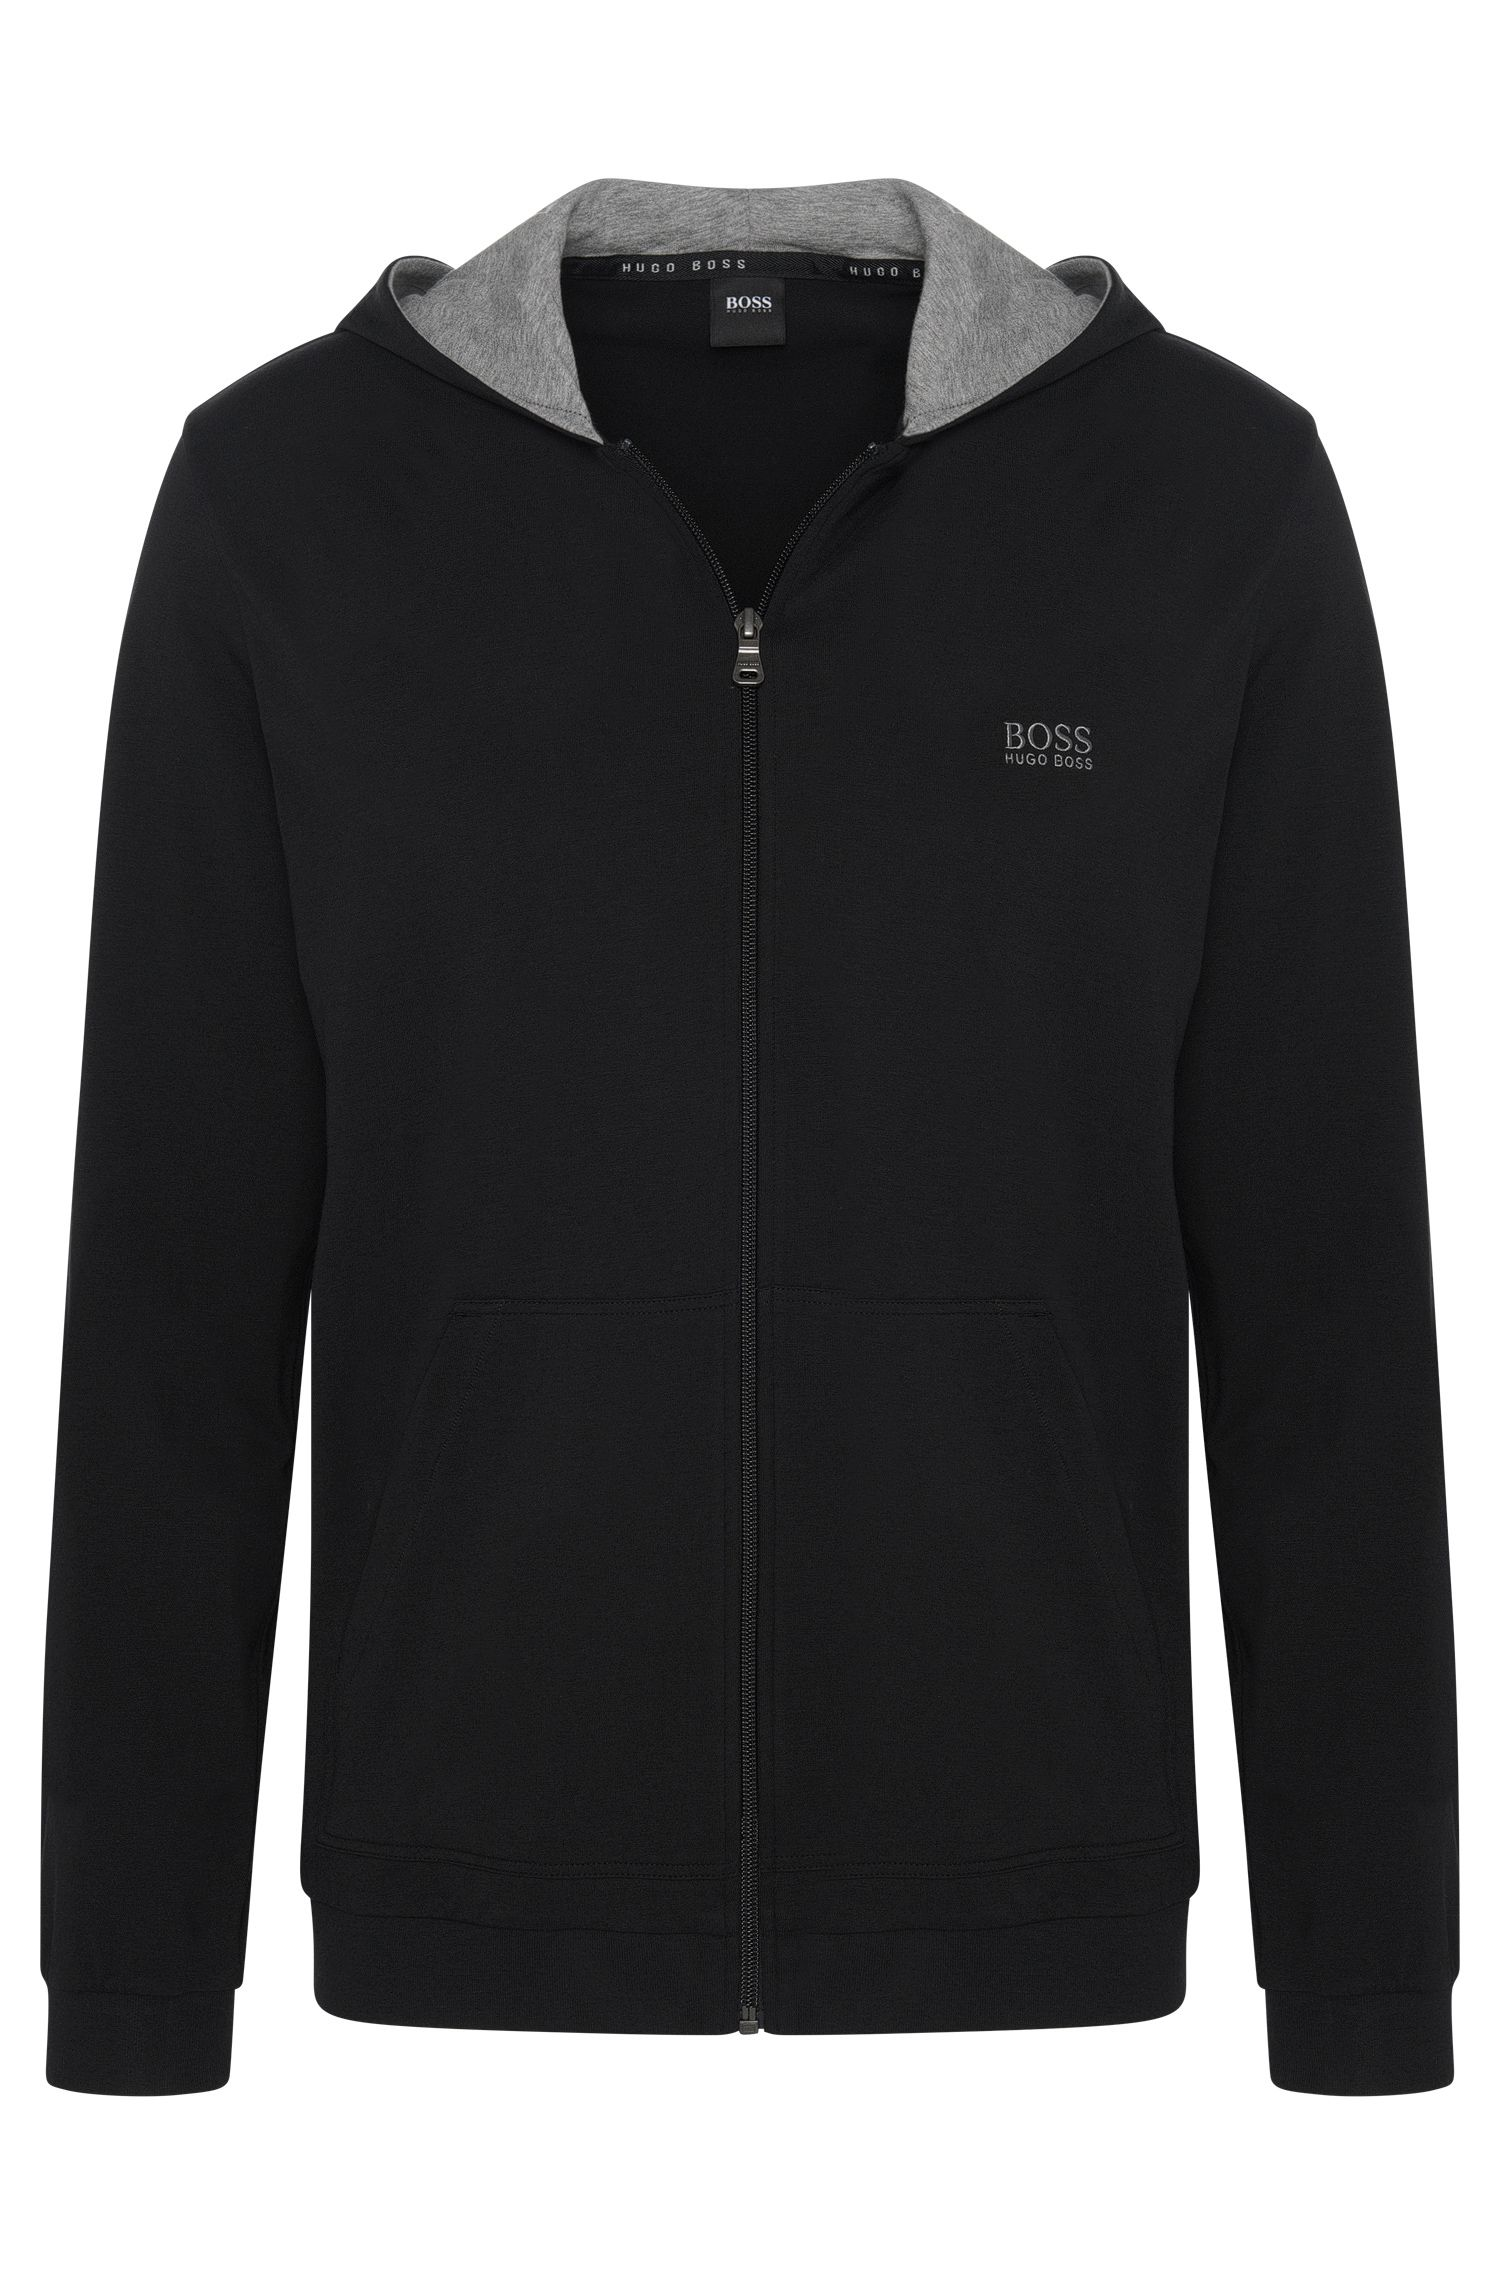 Veste à capuche en jersey de coton stretch